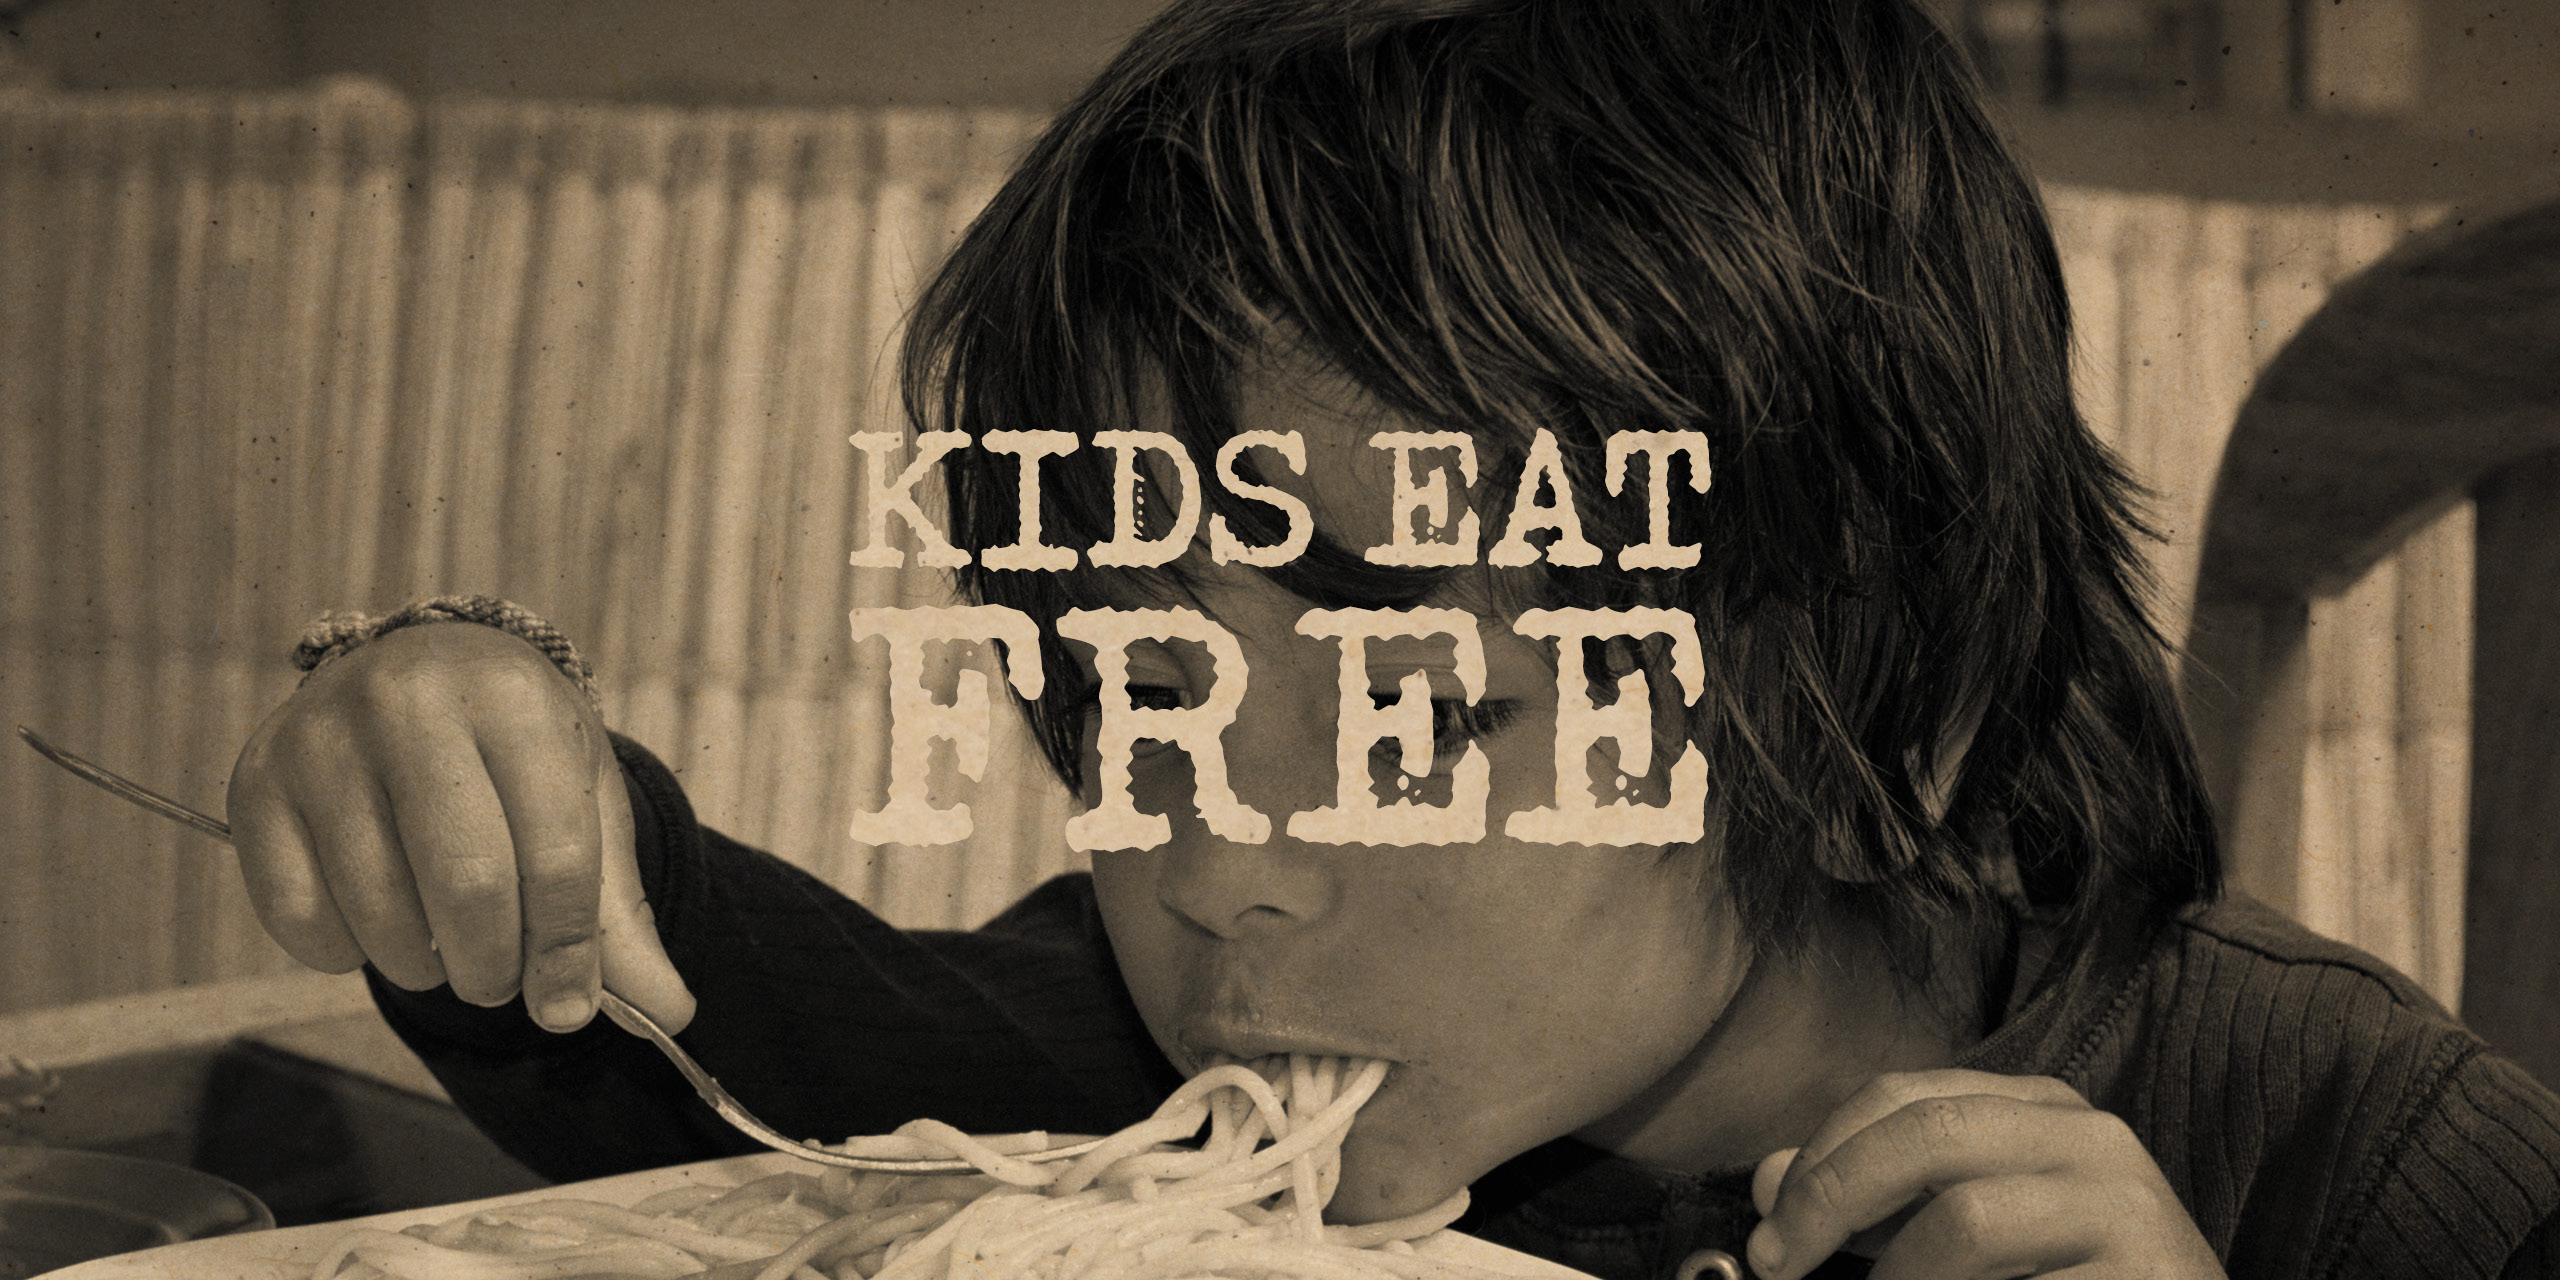 Gusto Kids Eat Free